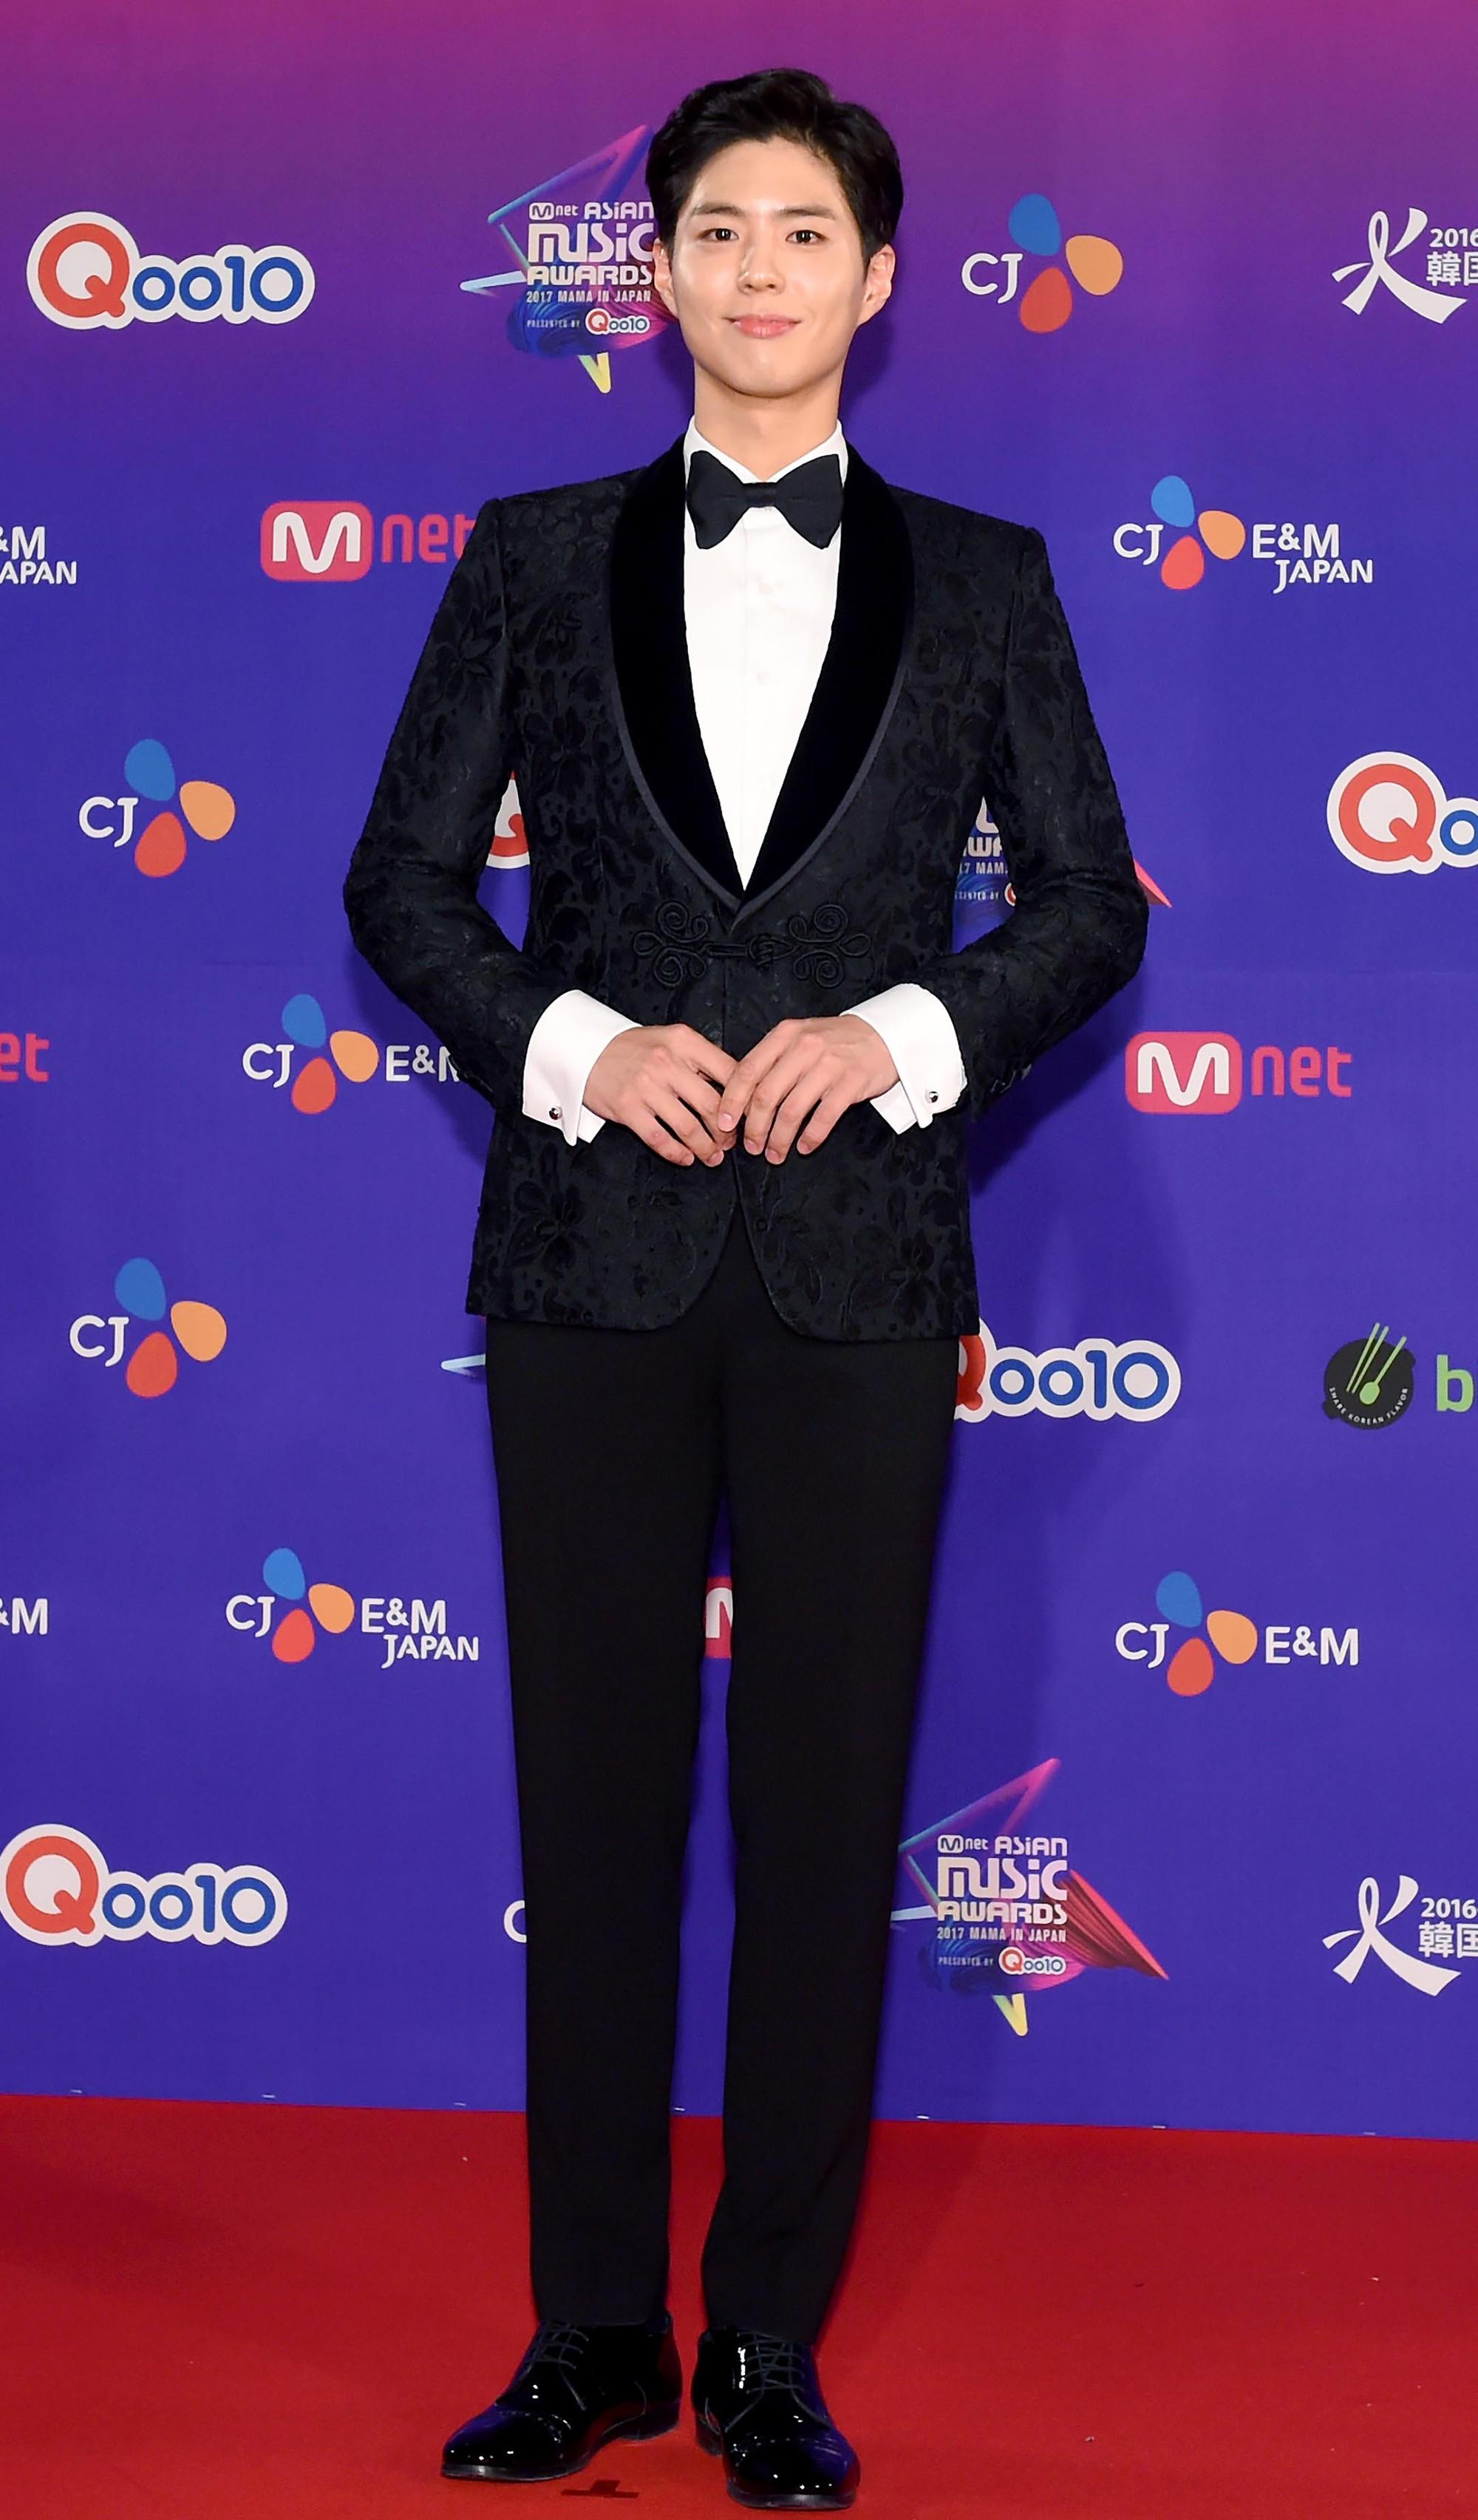 Thảm đỏ MAMA Nhật: Park Bo Gum và dàn mỹ nam Wanna One, EXO chiếm trọn sự chú ý, Kim So Hyun đọ sắc TWICE - Ảnh 3.